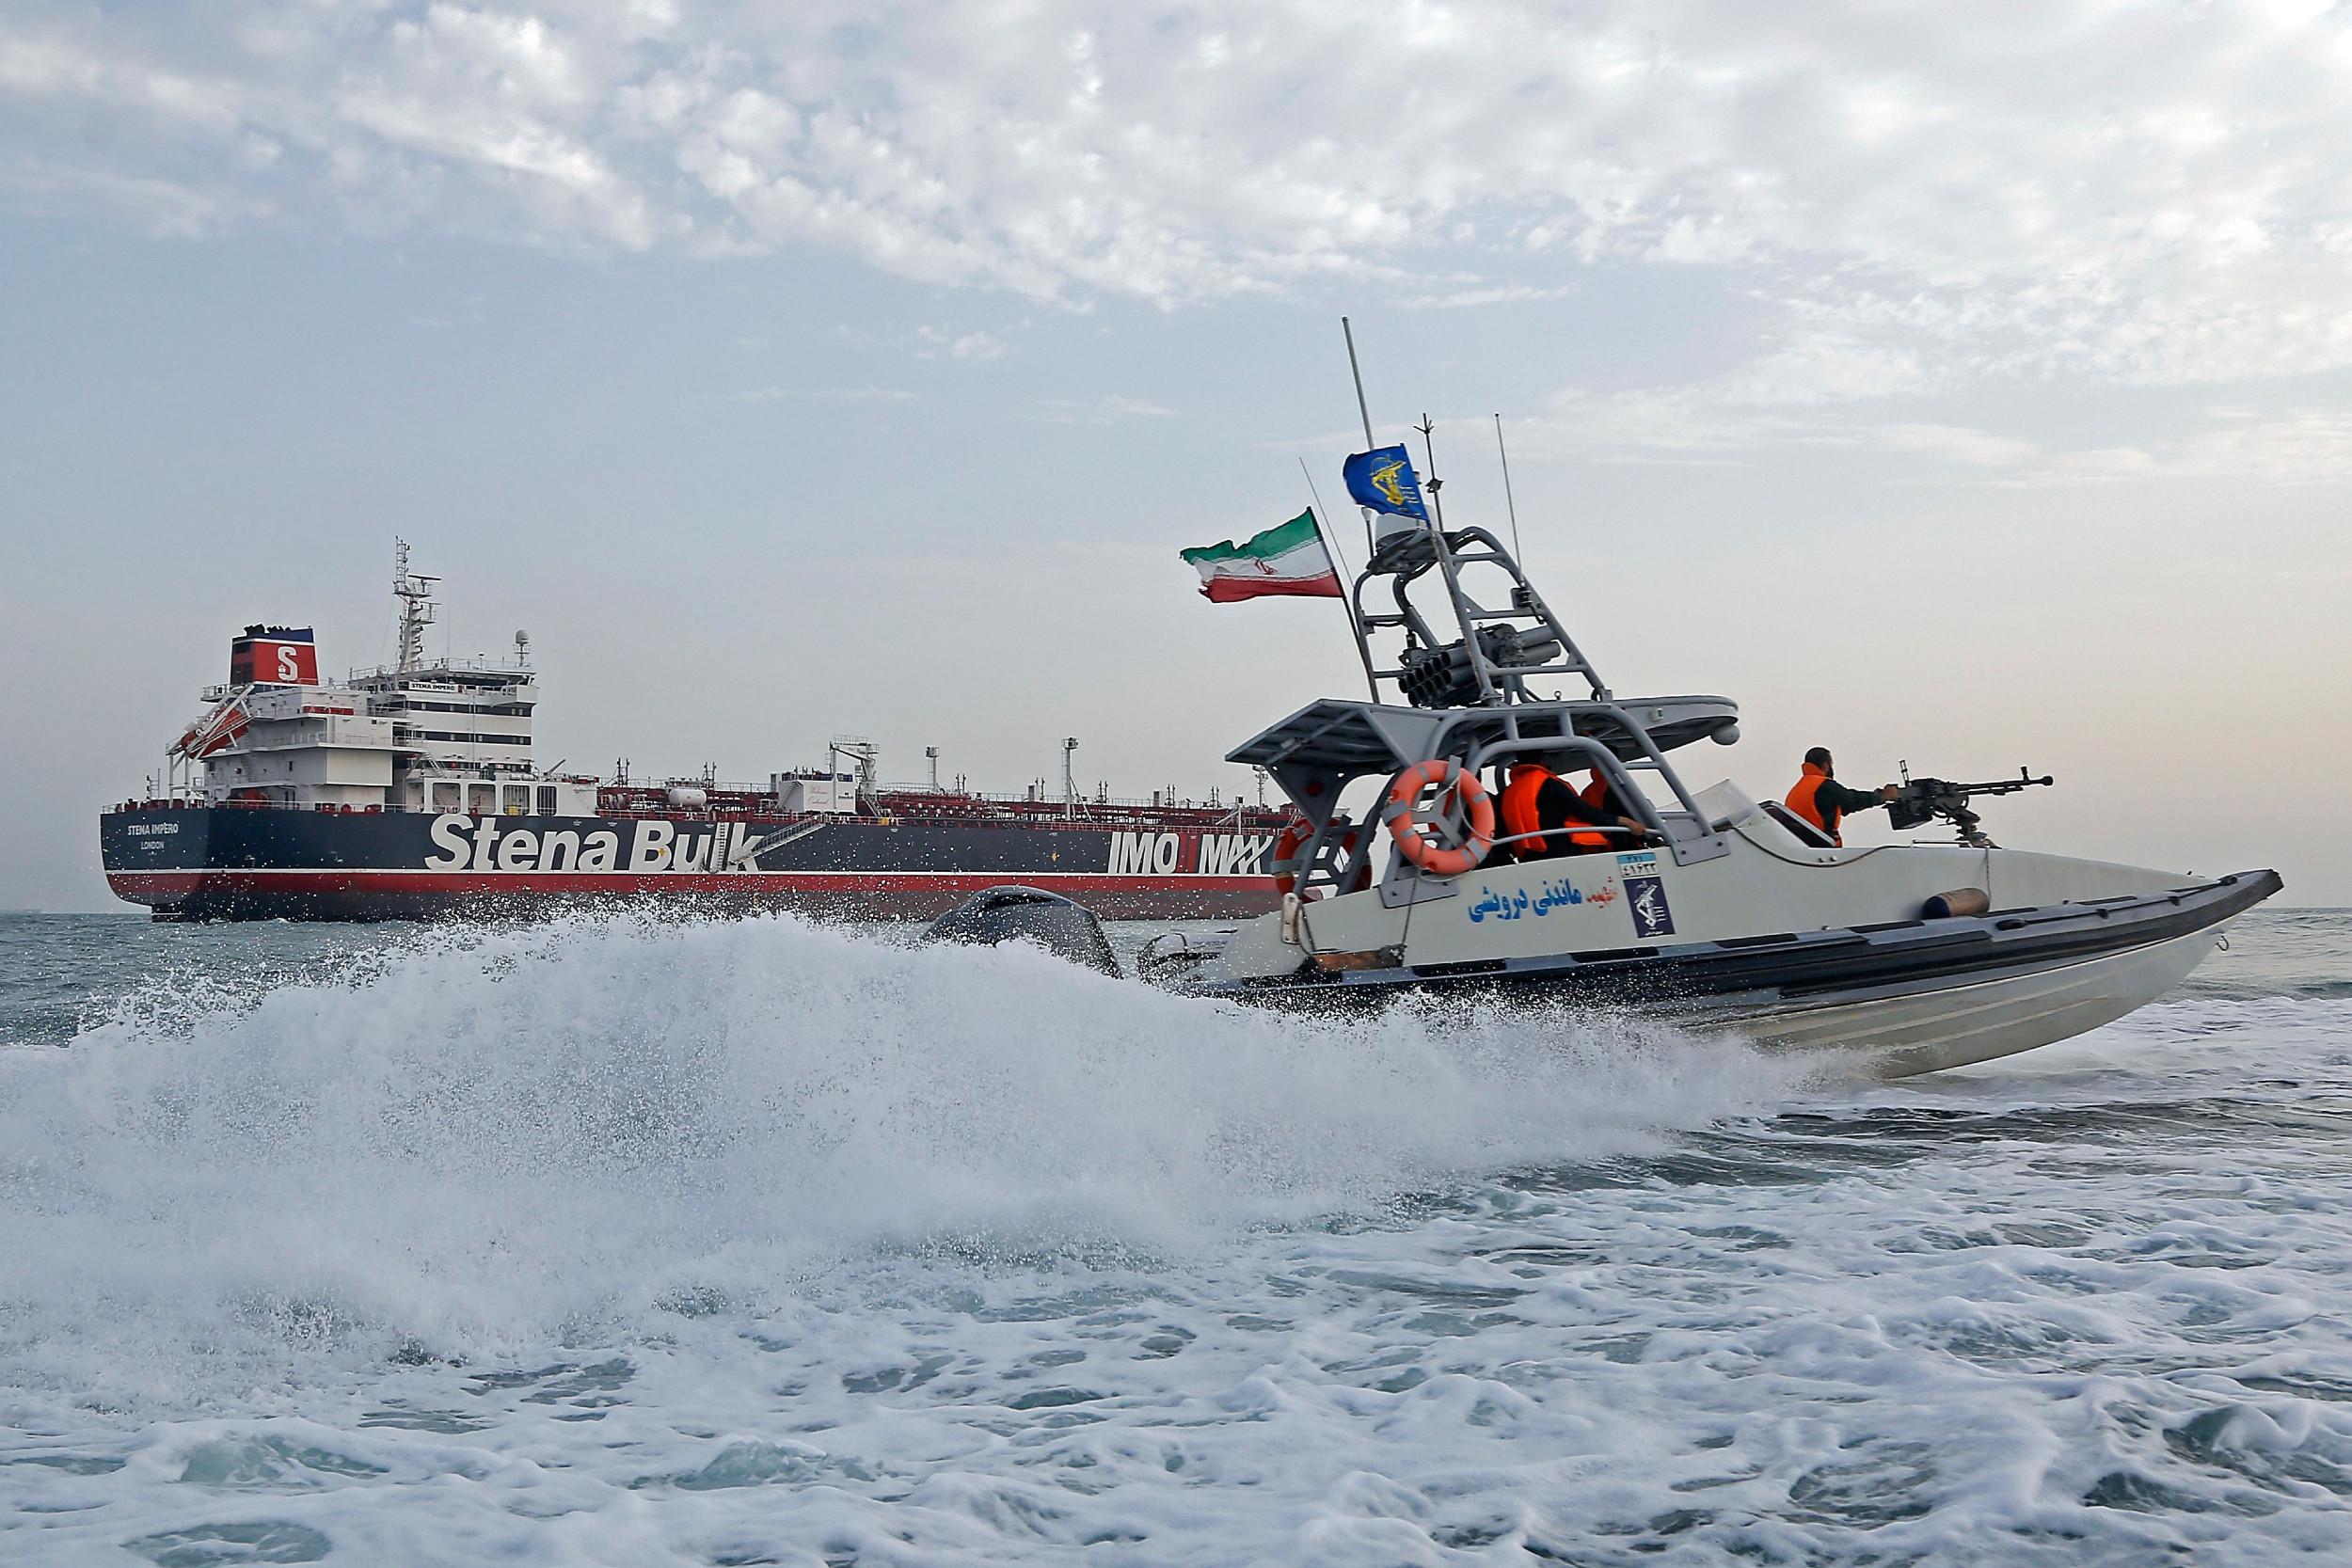 Припадници Иранске револуционарне гарде патролирају у близини задржаног британског танкера за превоз нафте у Ормуском мореузу, 21. јул 2019. (Фото: Hasan Shirvani/MIZAN NEWS AGENCY/AFP/Getty Images)